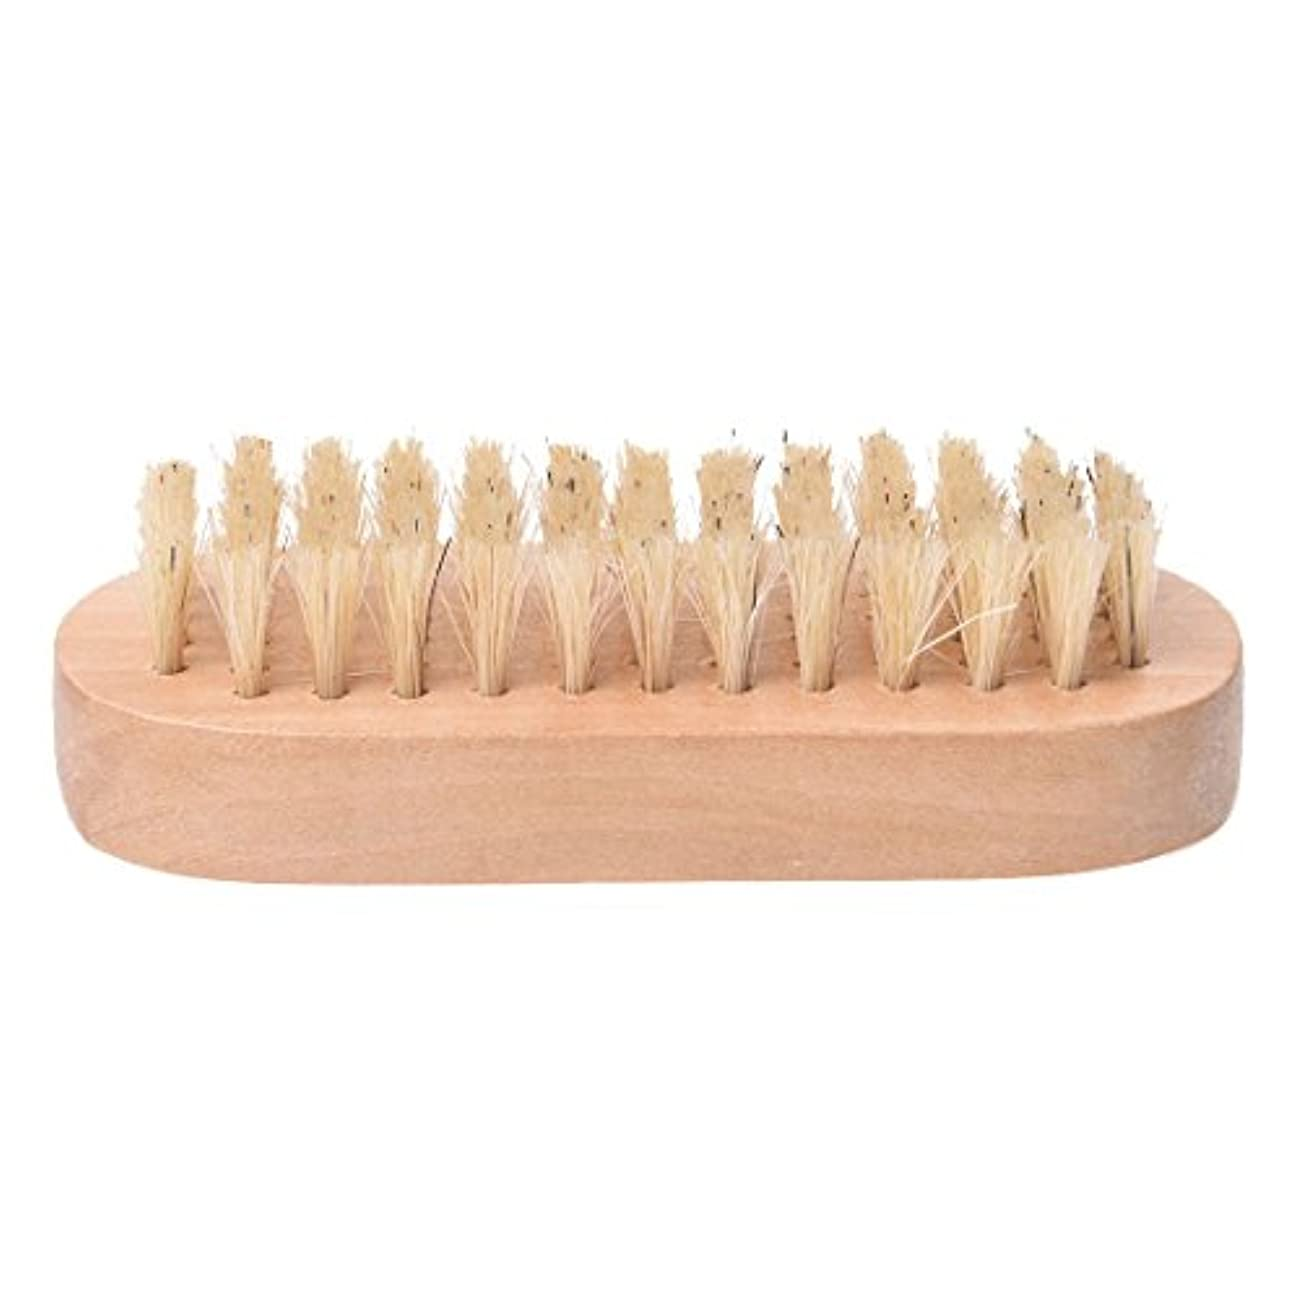 散るフェリーいらいらするCikuso 木製ハンドル ブリストル爪手足ブラシ マニキュア